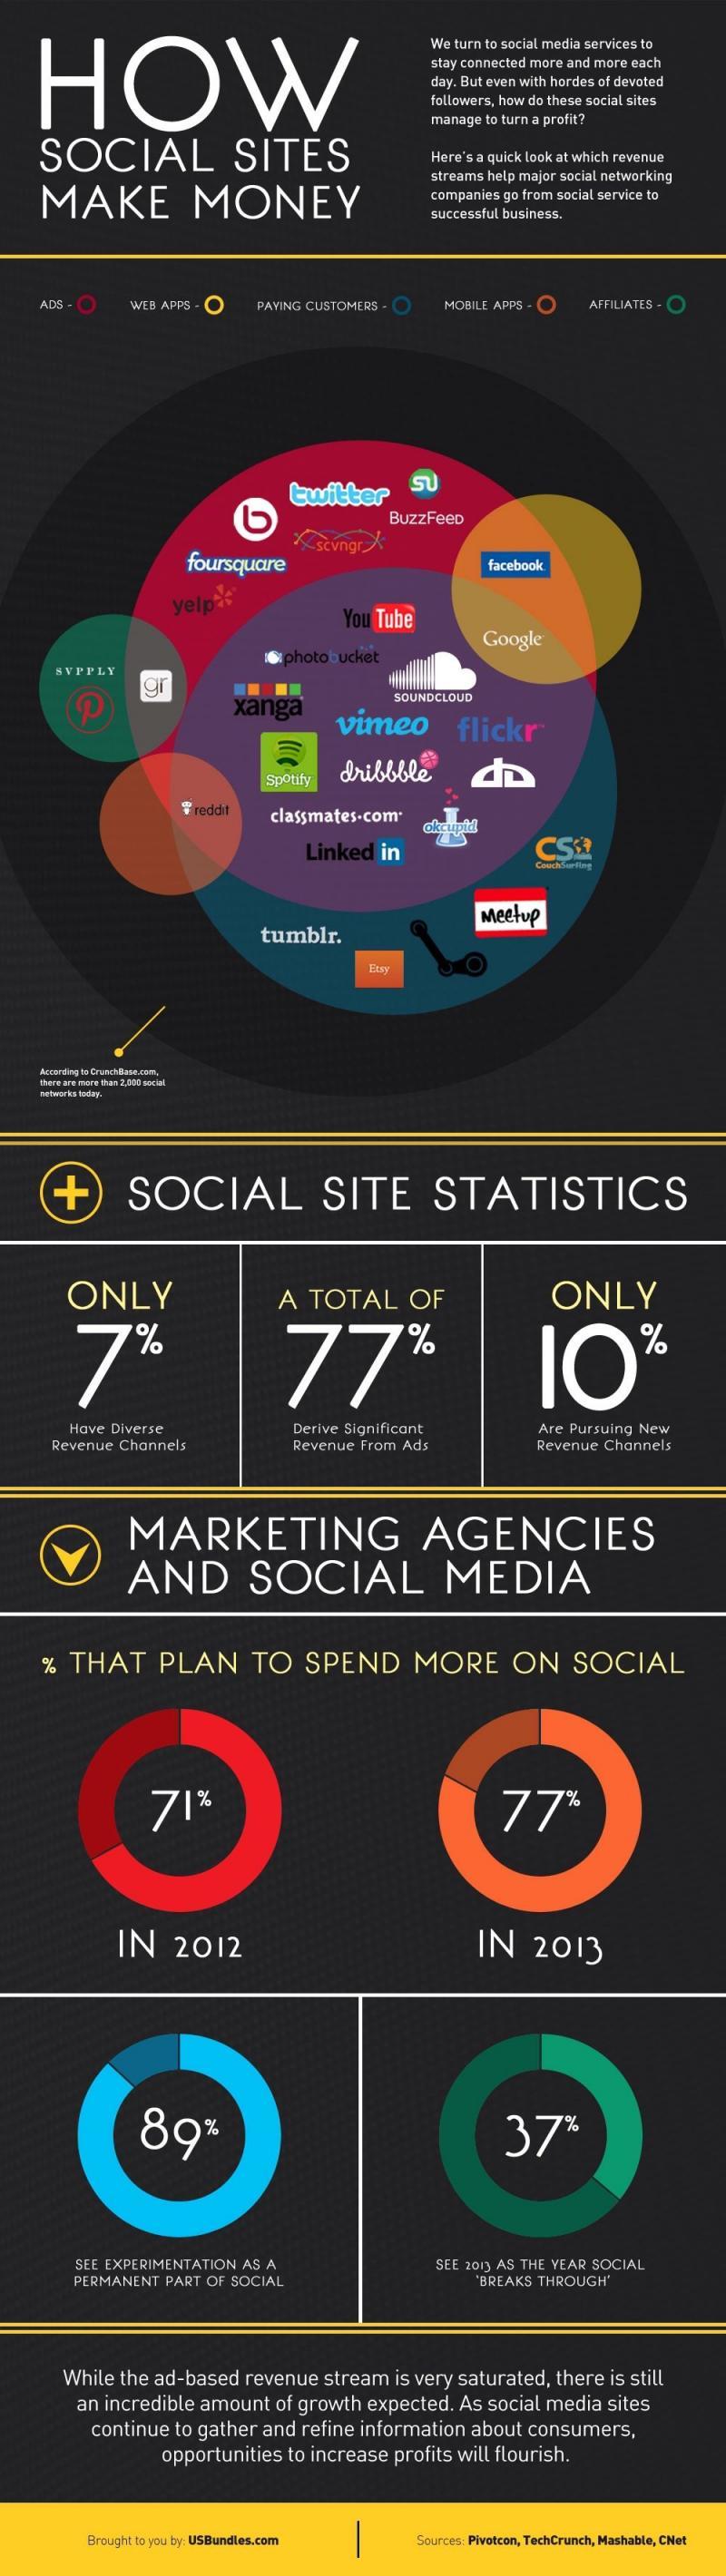 how #Social_Media make Money #SMM #Infographic